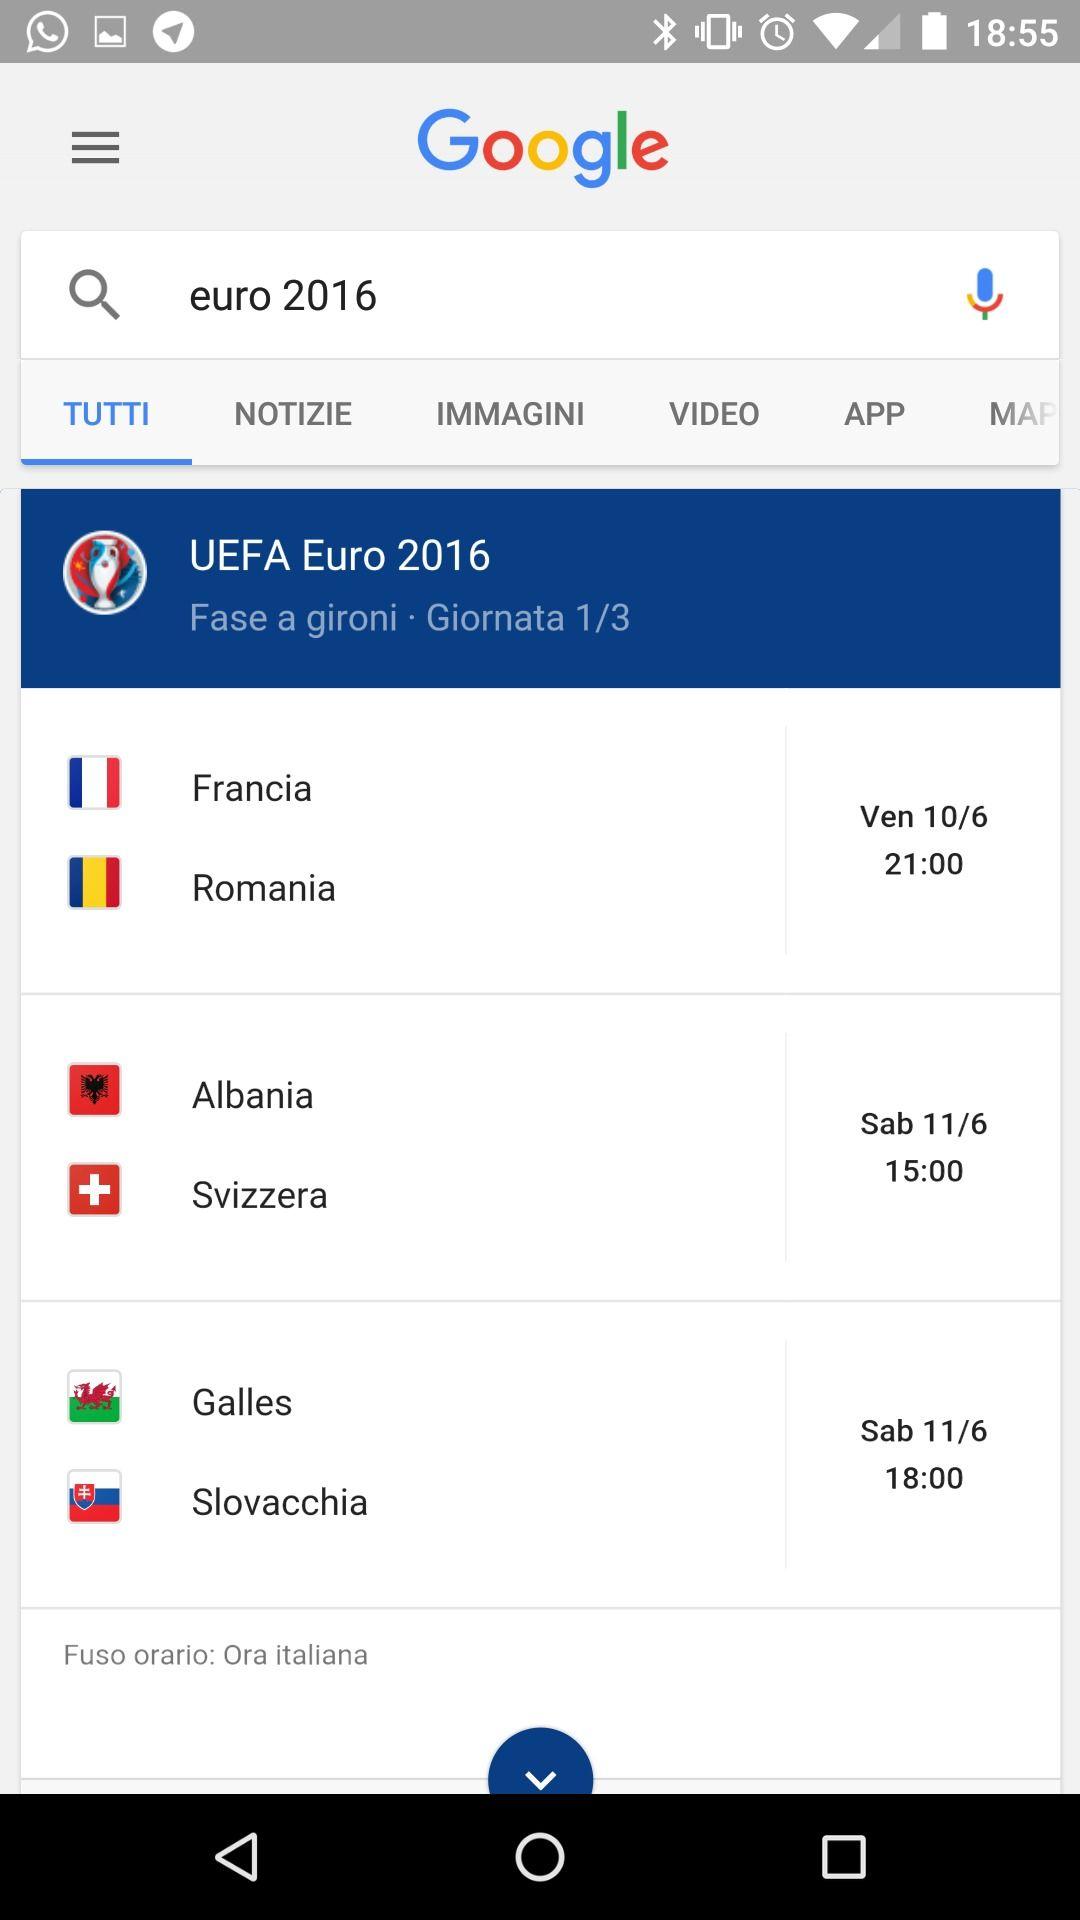 Euro 2016 Google Now